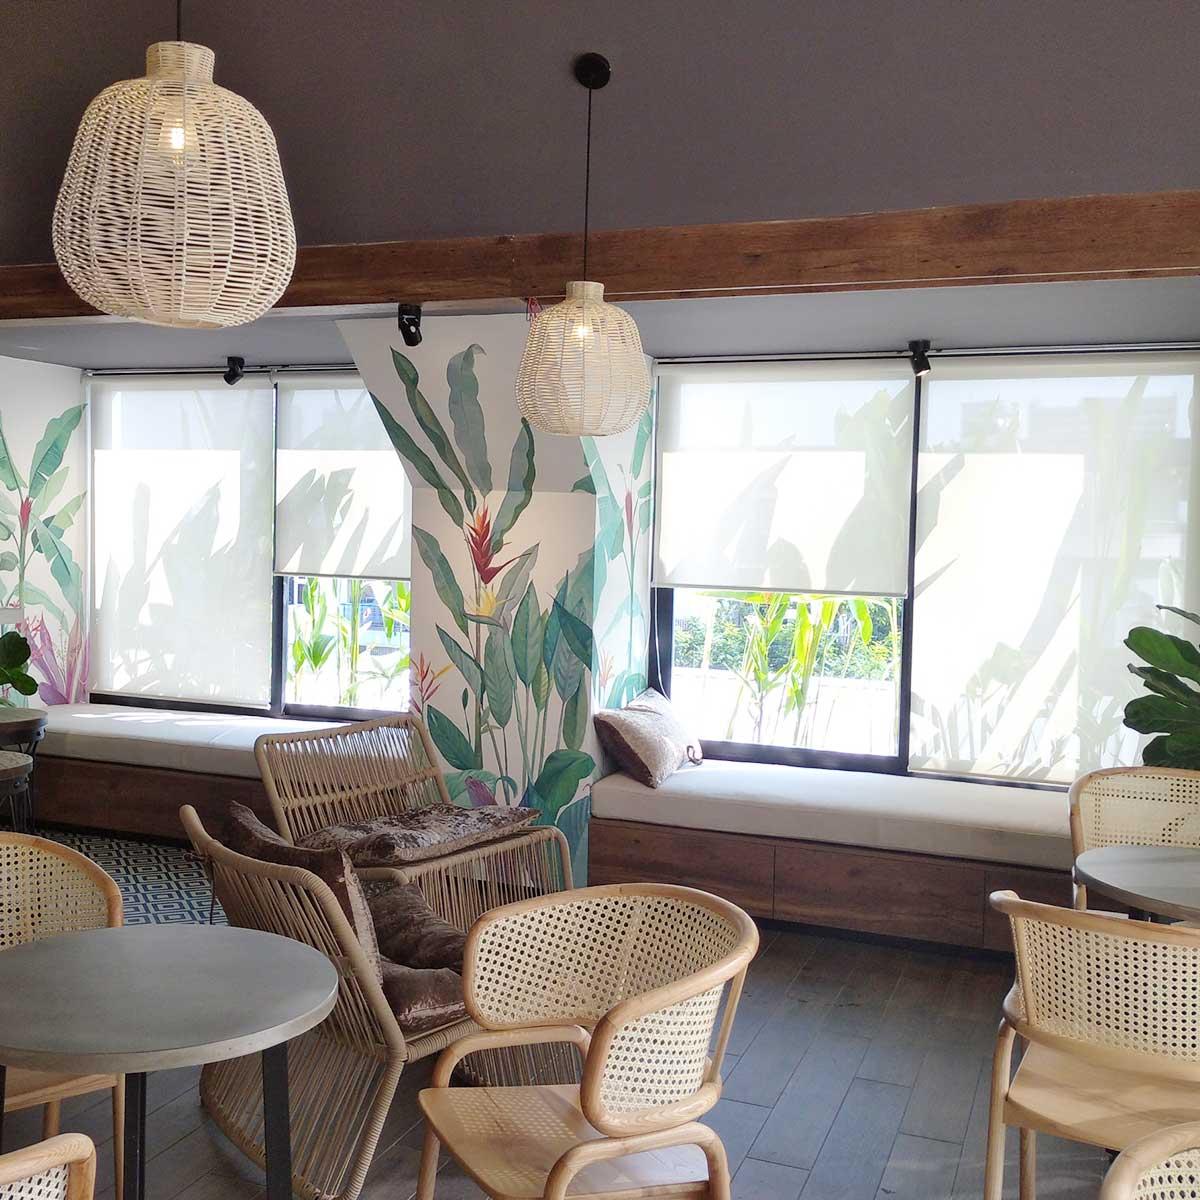 Rèm cuốn màu trắng sang trọng dành cho quán cà phê hiện đại